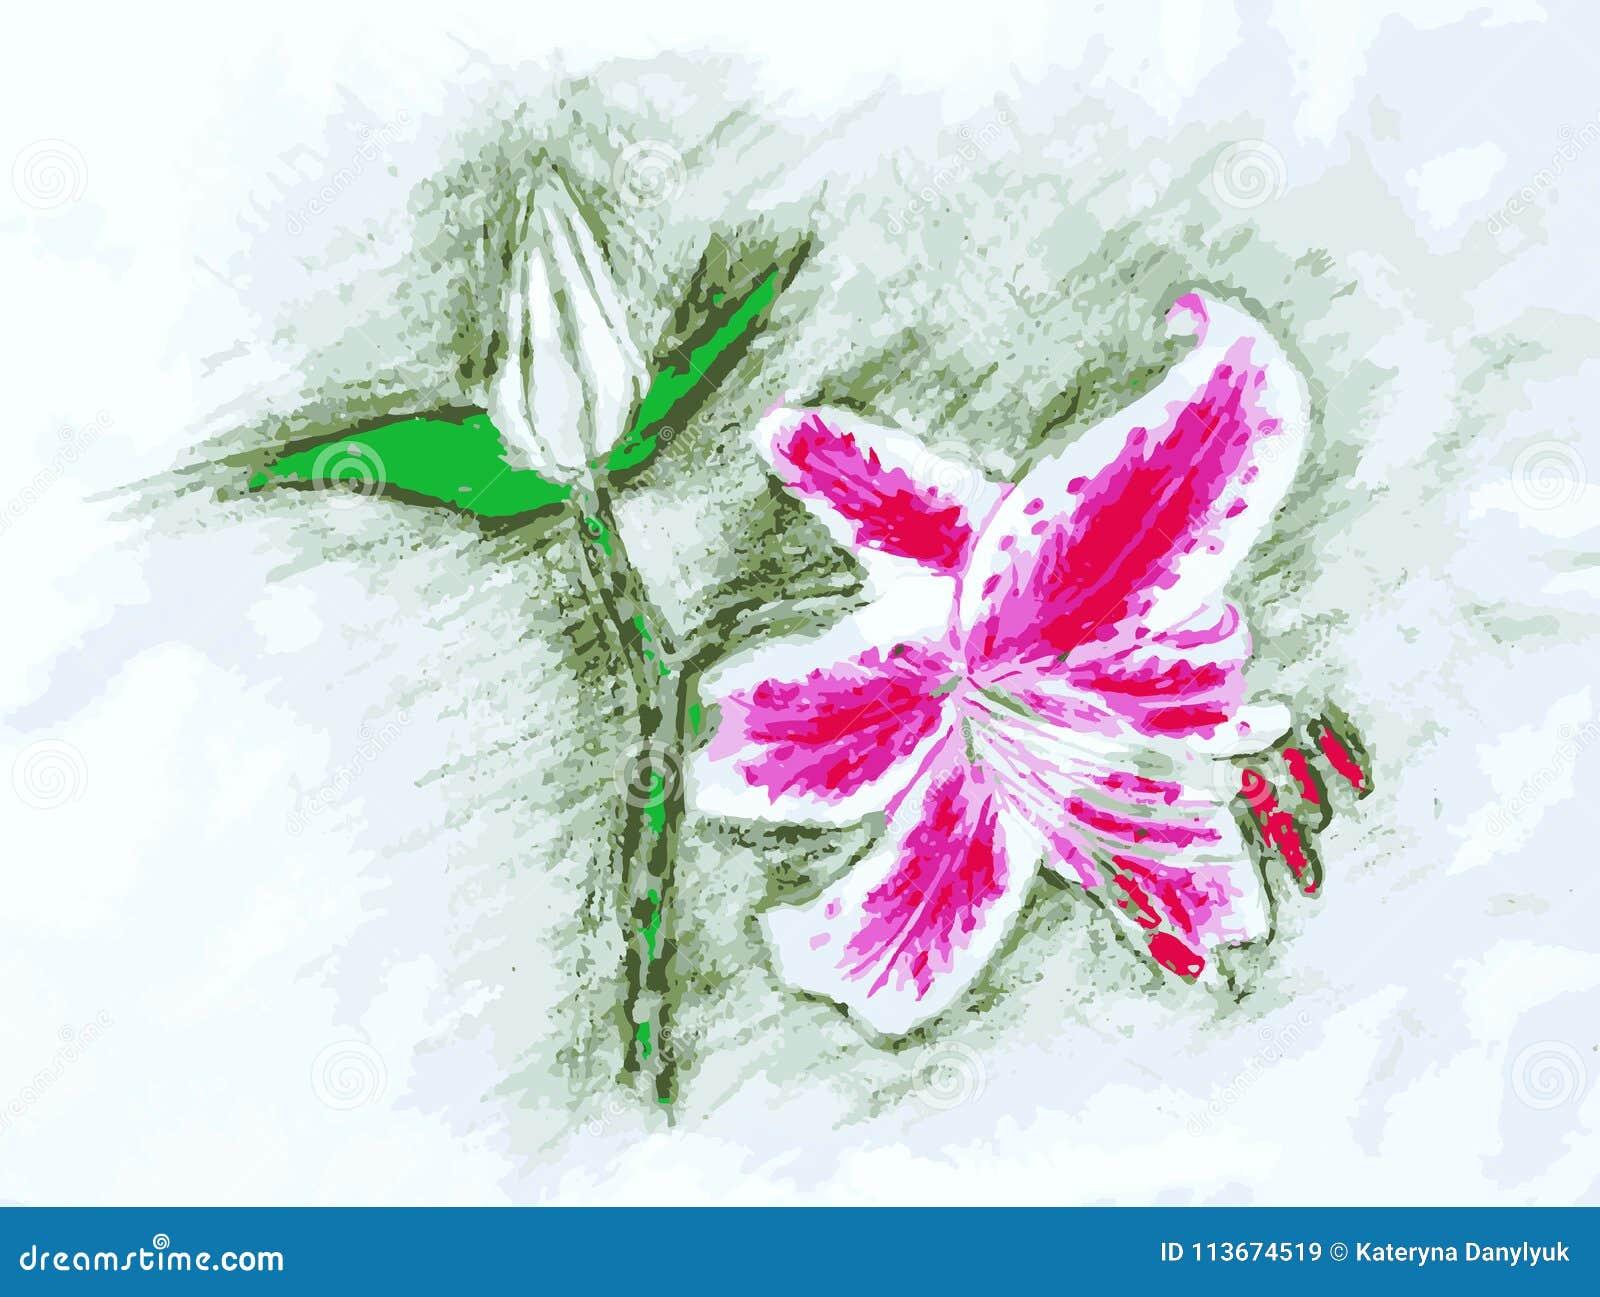 Farbige Bleistift Zeichnung Der Rosa Und Weißen Liliumanlage